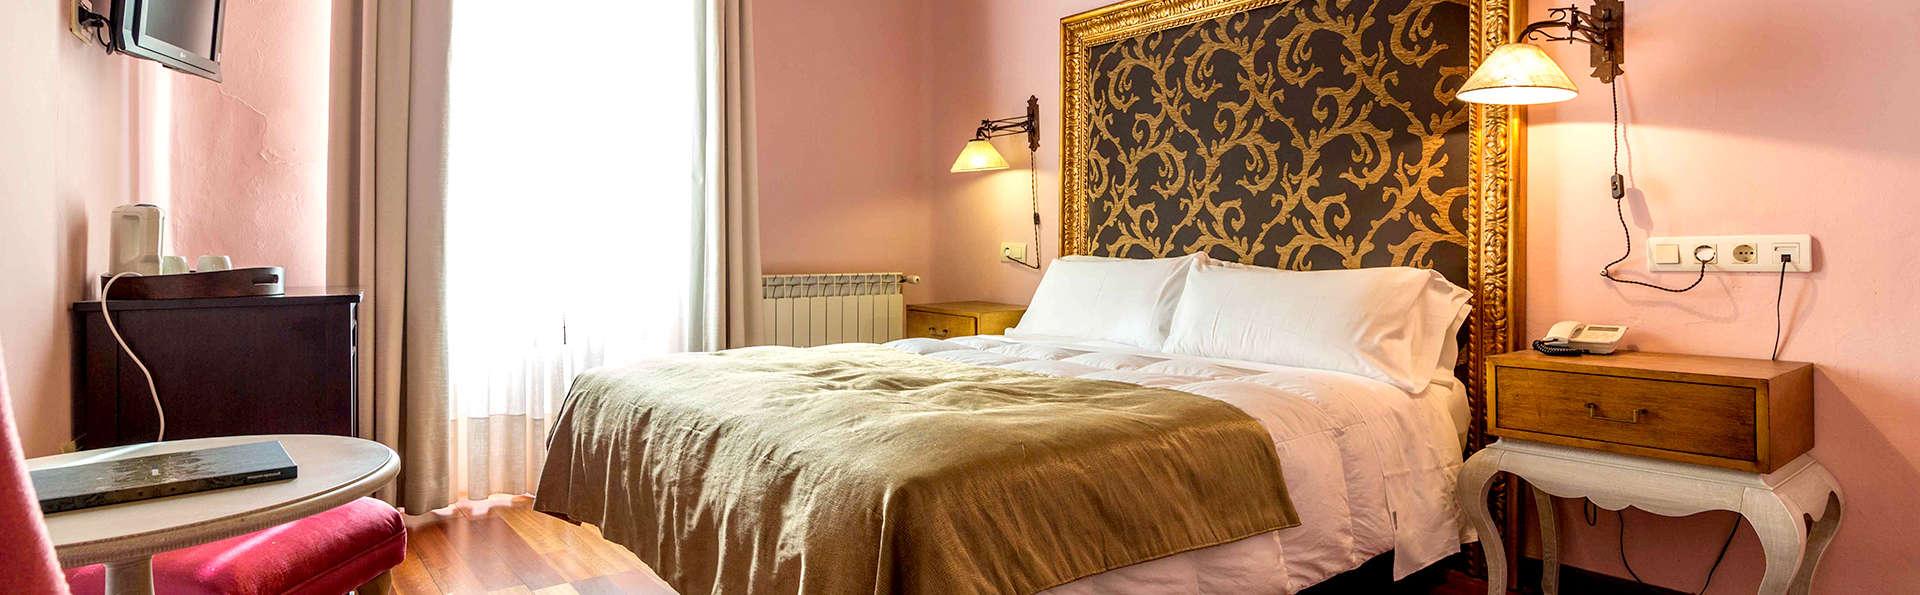 Hotel Museo Palacio de Mariana Pineda - Edit_Room12.jpg